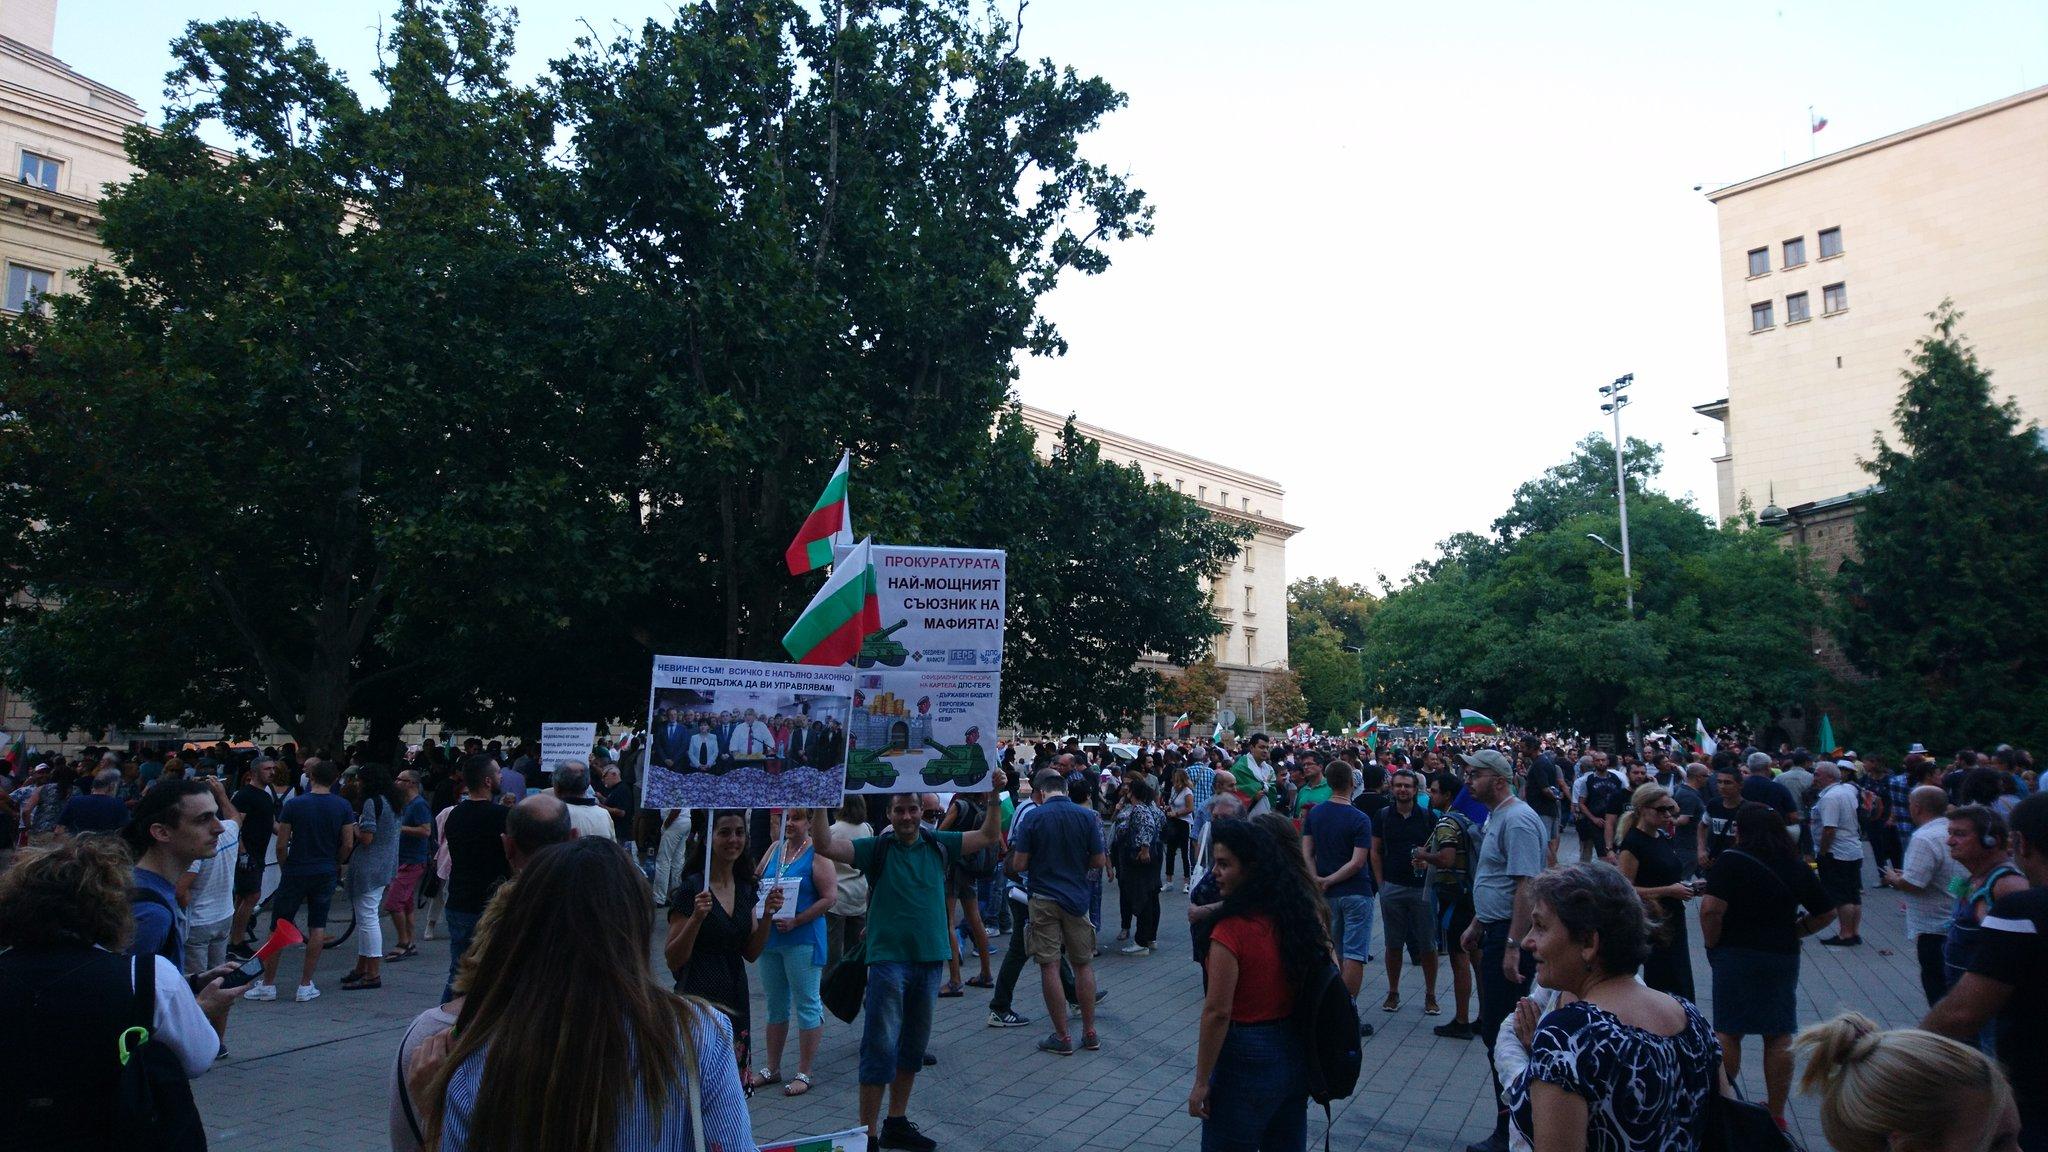 La nuova alba della democrazia bulgara tra proteste, repressione e oligarchie